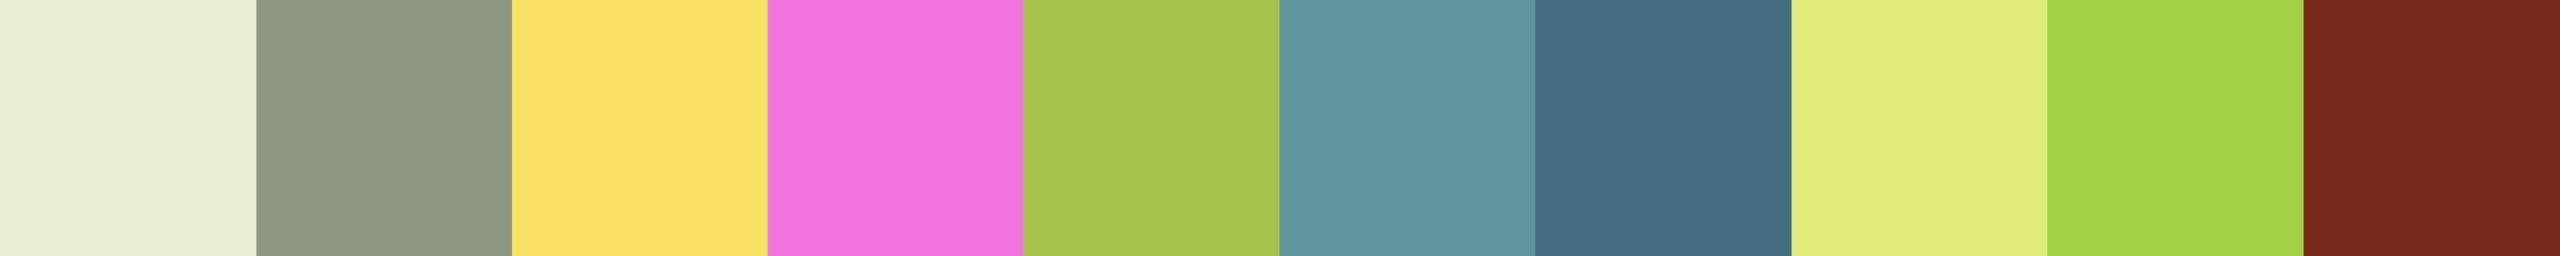 646 Imania Color Palette